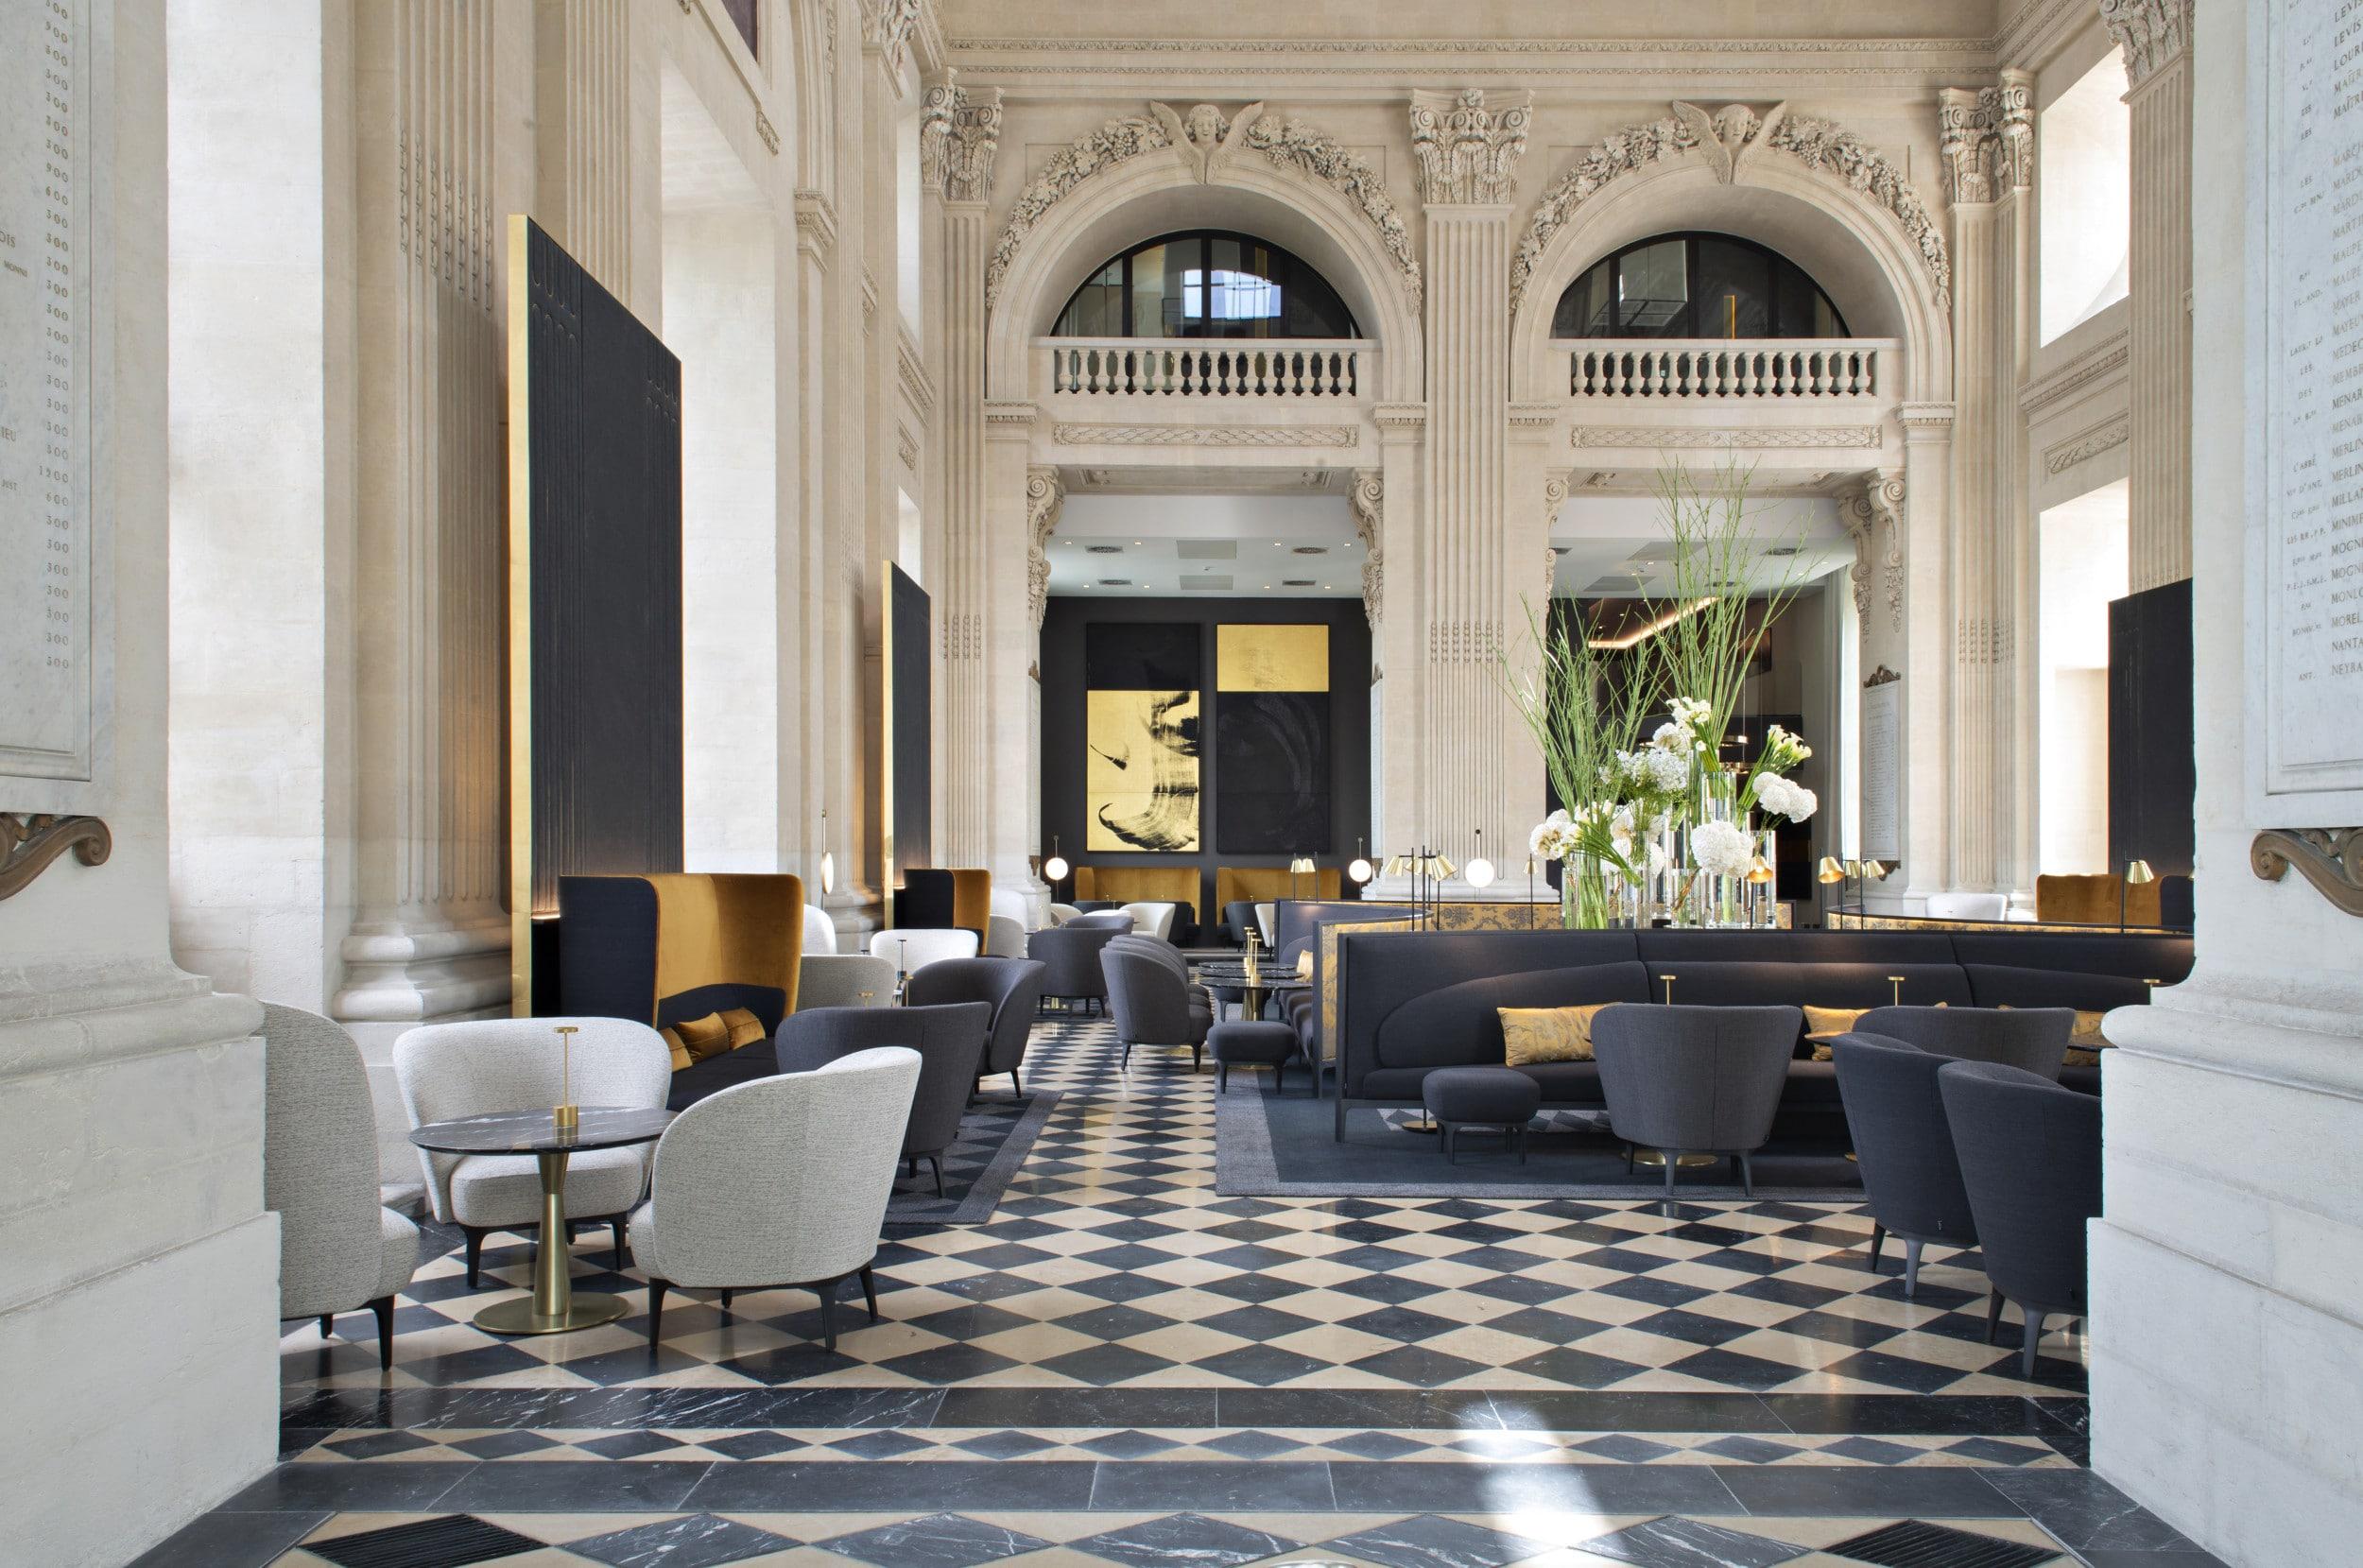 intercontinental-lyon-hotel-dieu-bar-lounge-le-dome-lyon